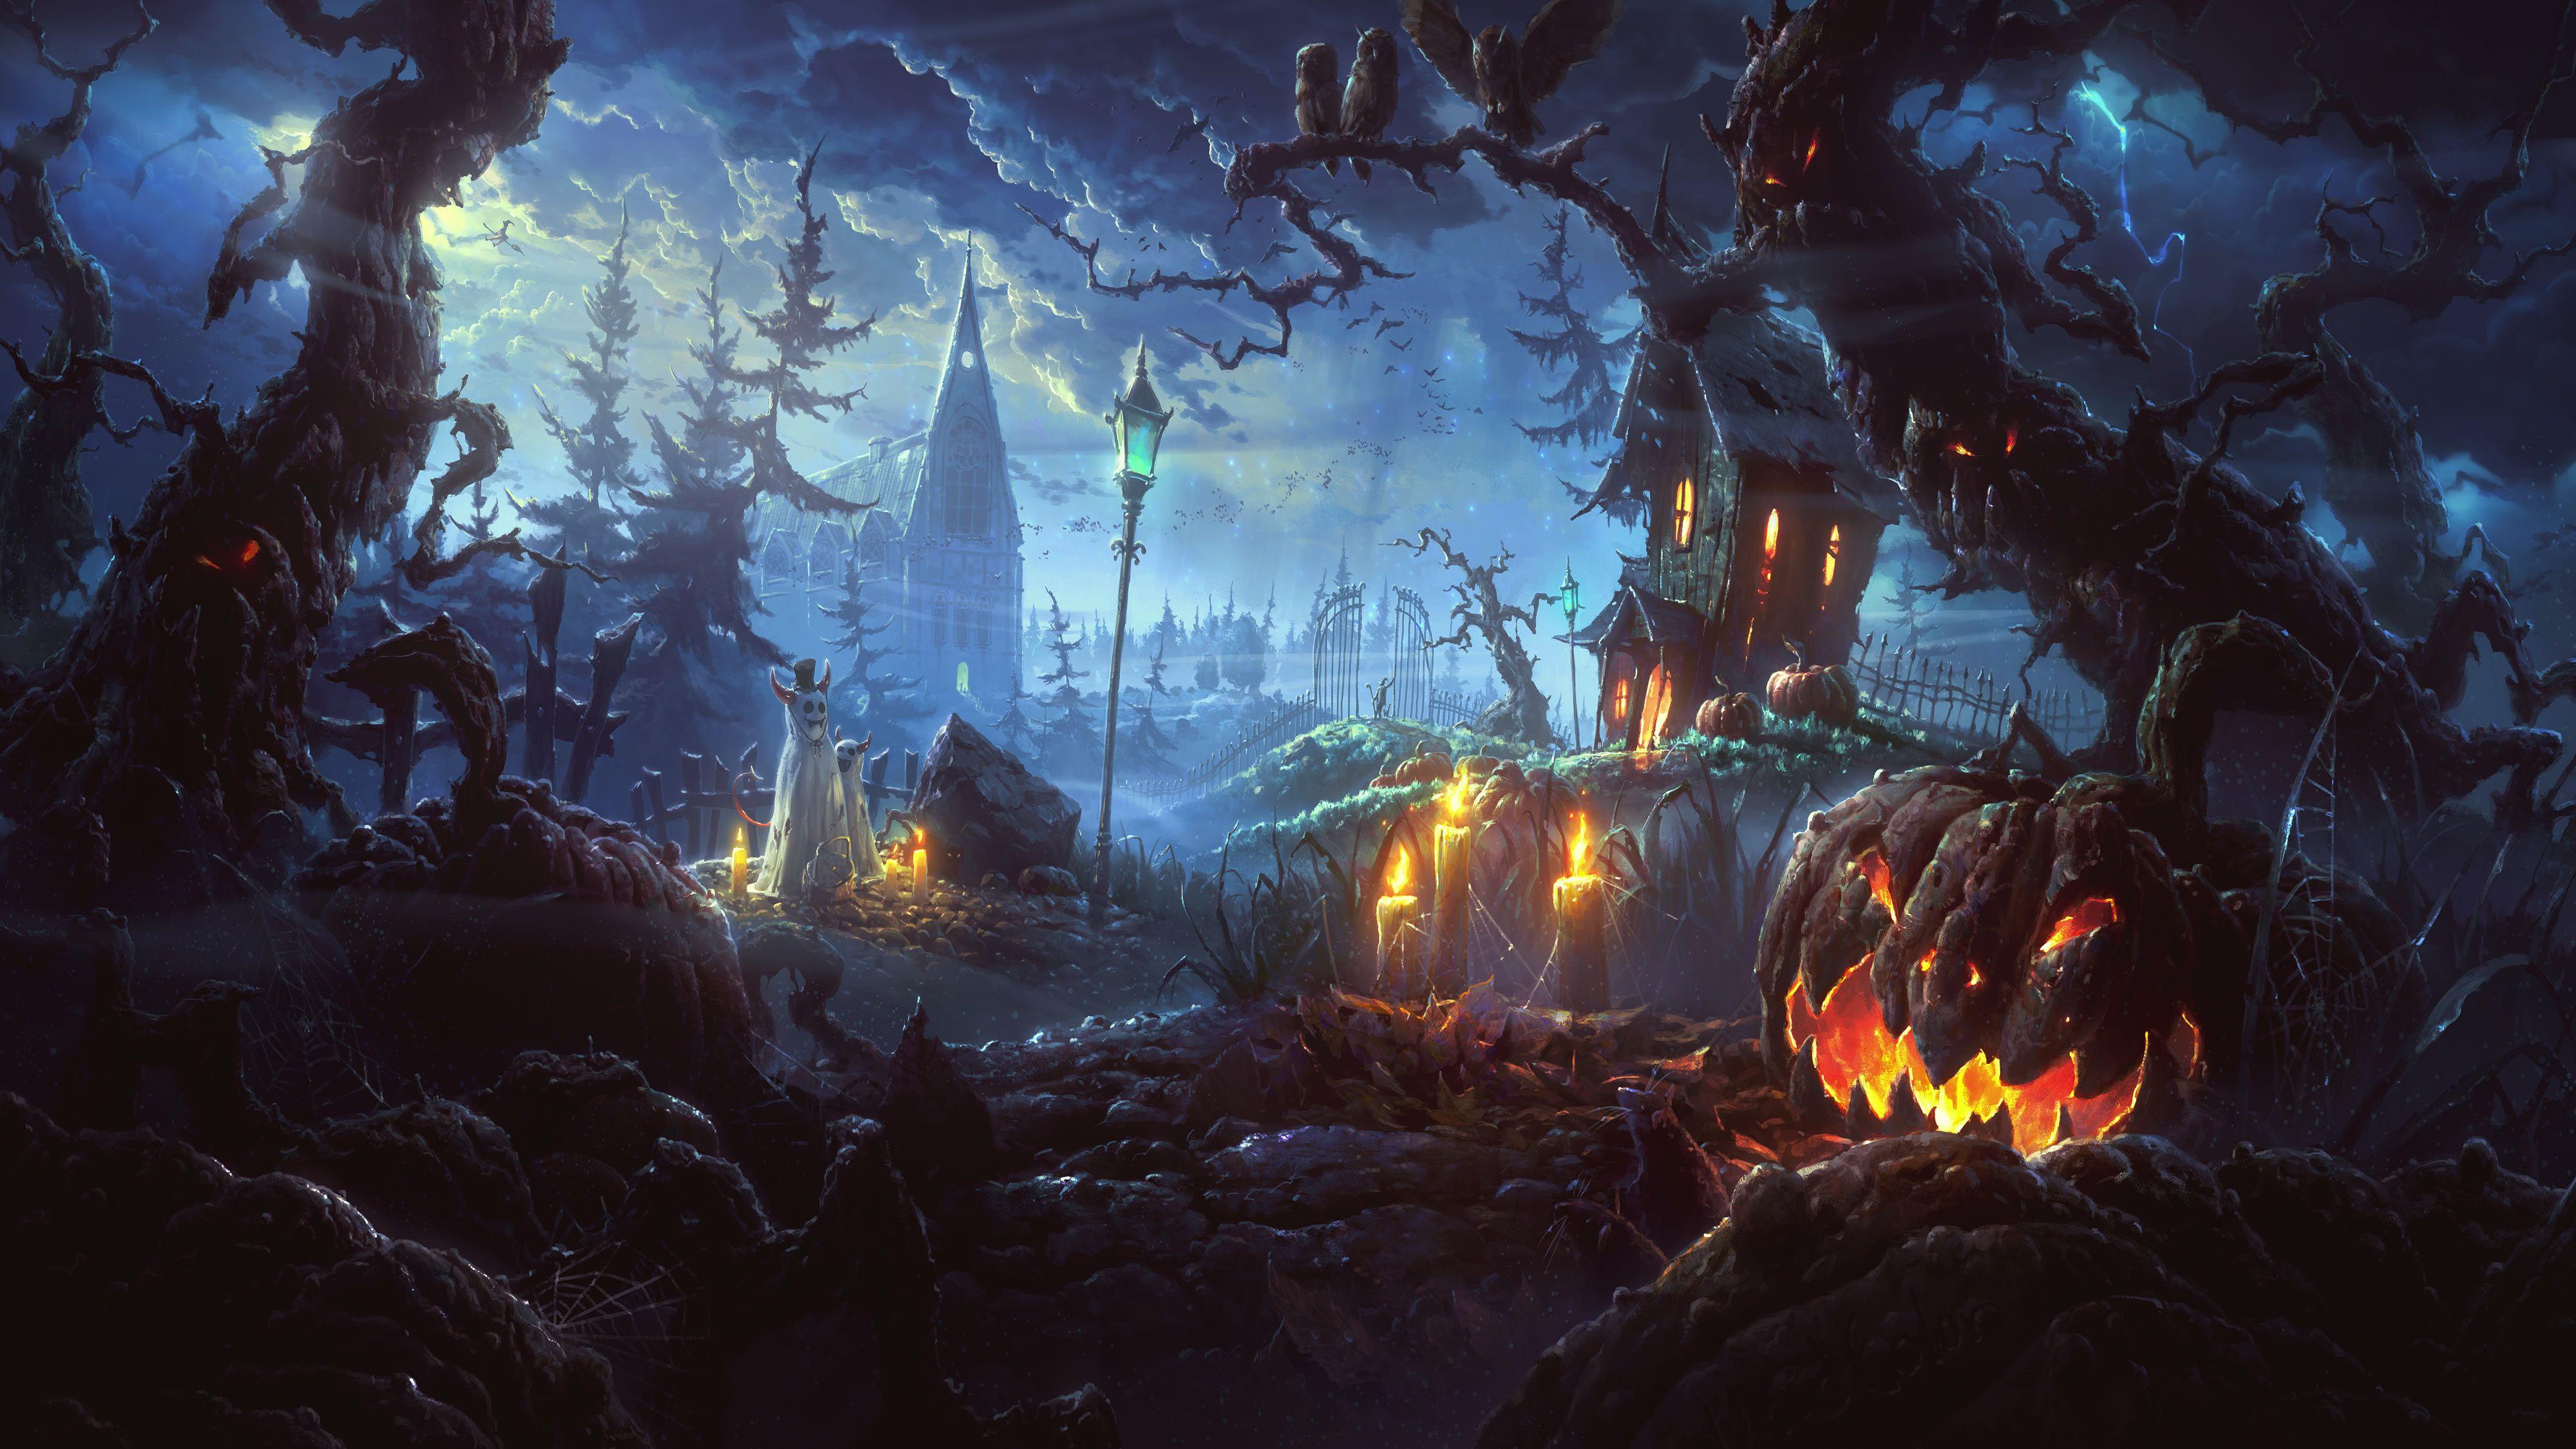 Halloween wallpapers, Free computer desktop hd wallpapers, Halloween Wallpapers, Halloween ...